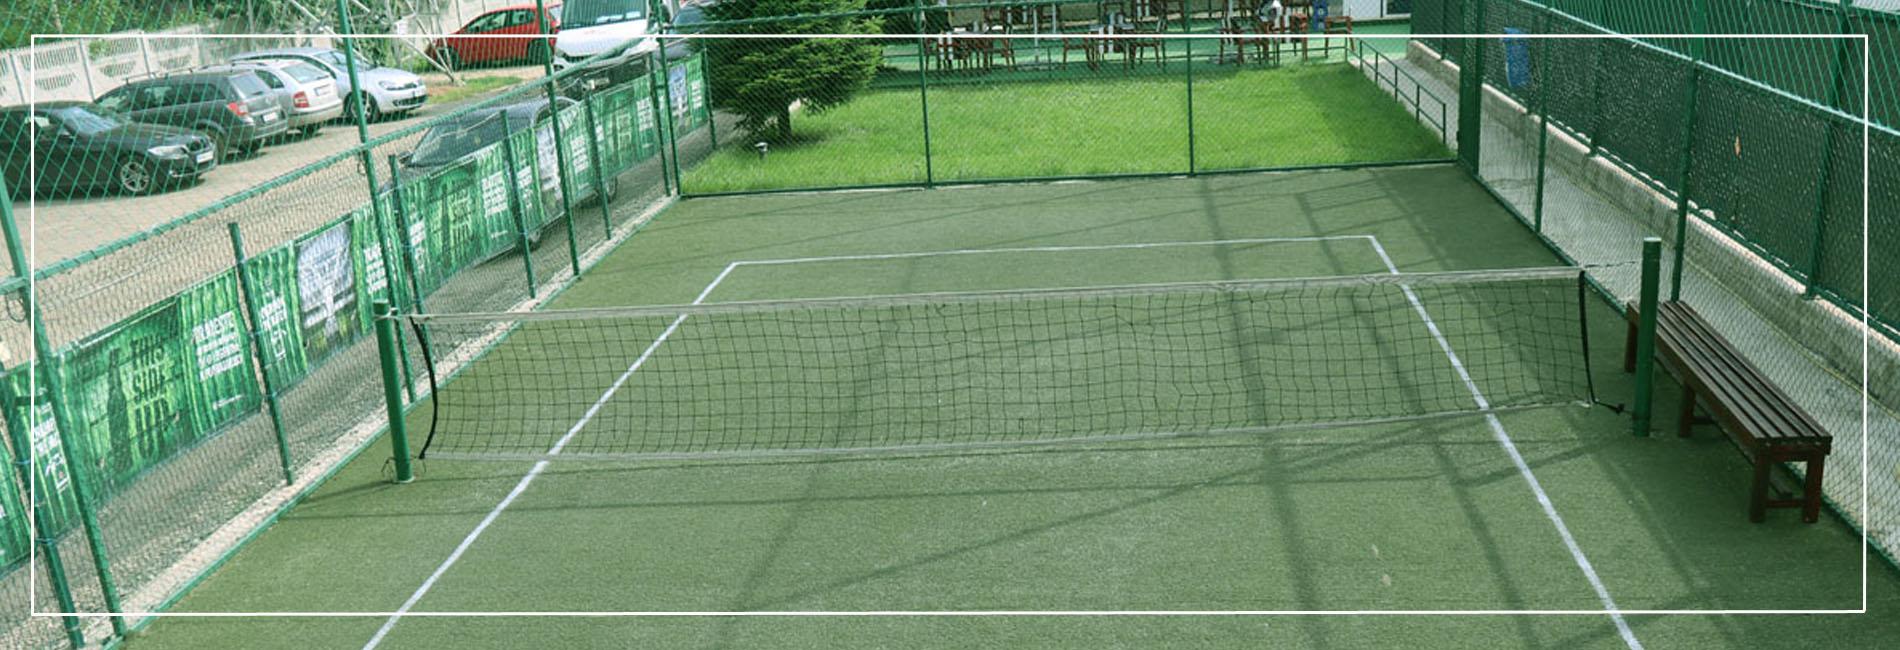 teren tenis de picior mic